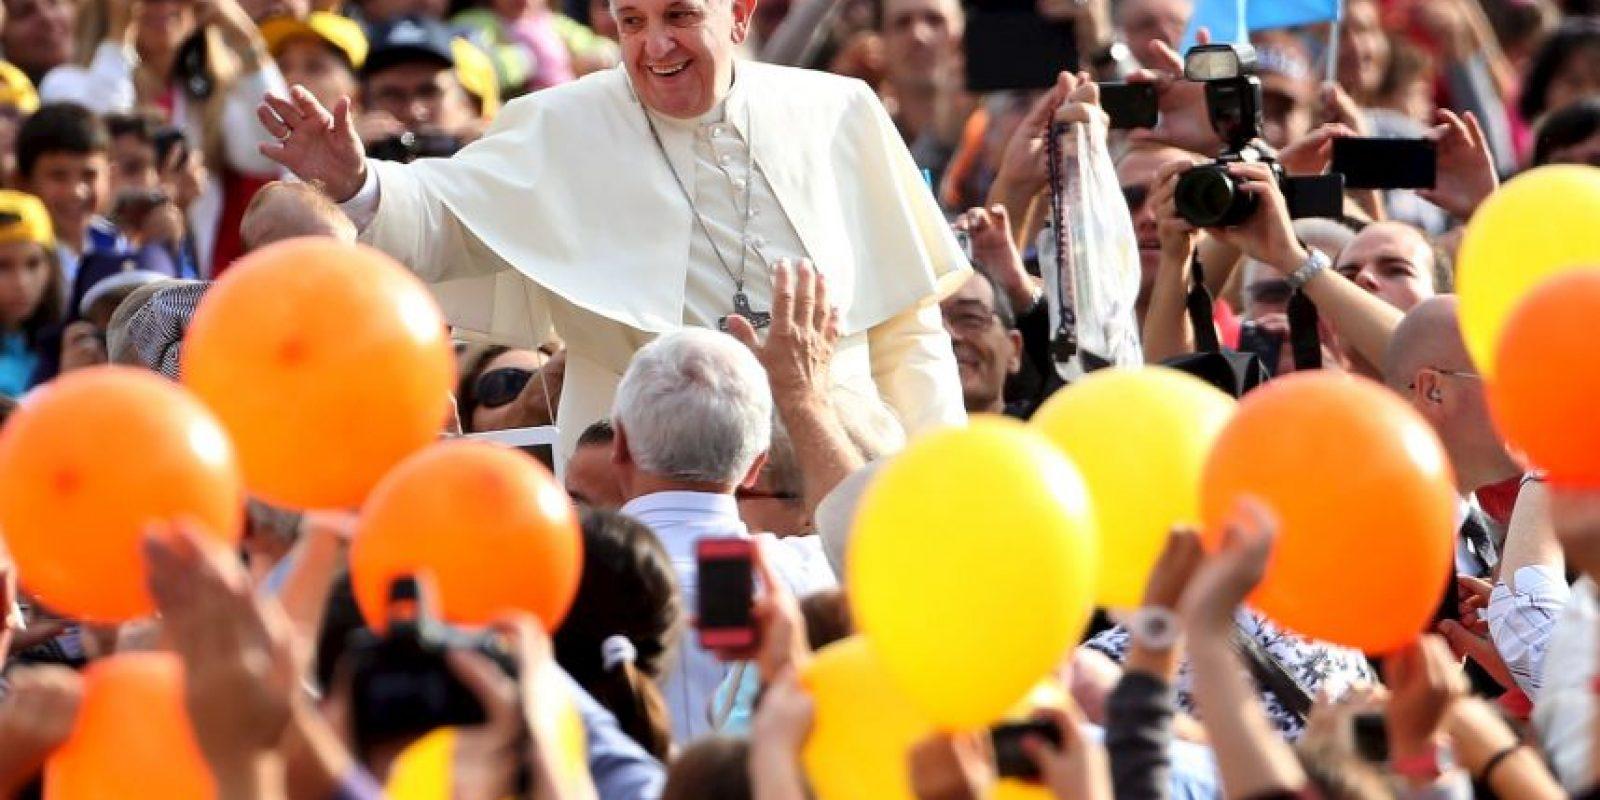 Desde que fue nombrado Papa fue muy bien aceptado por los feligreses. Foto:Getty Images